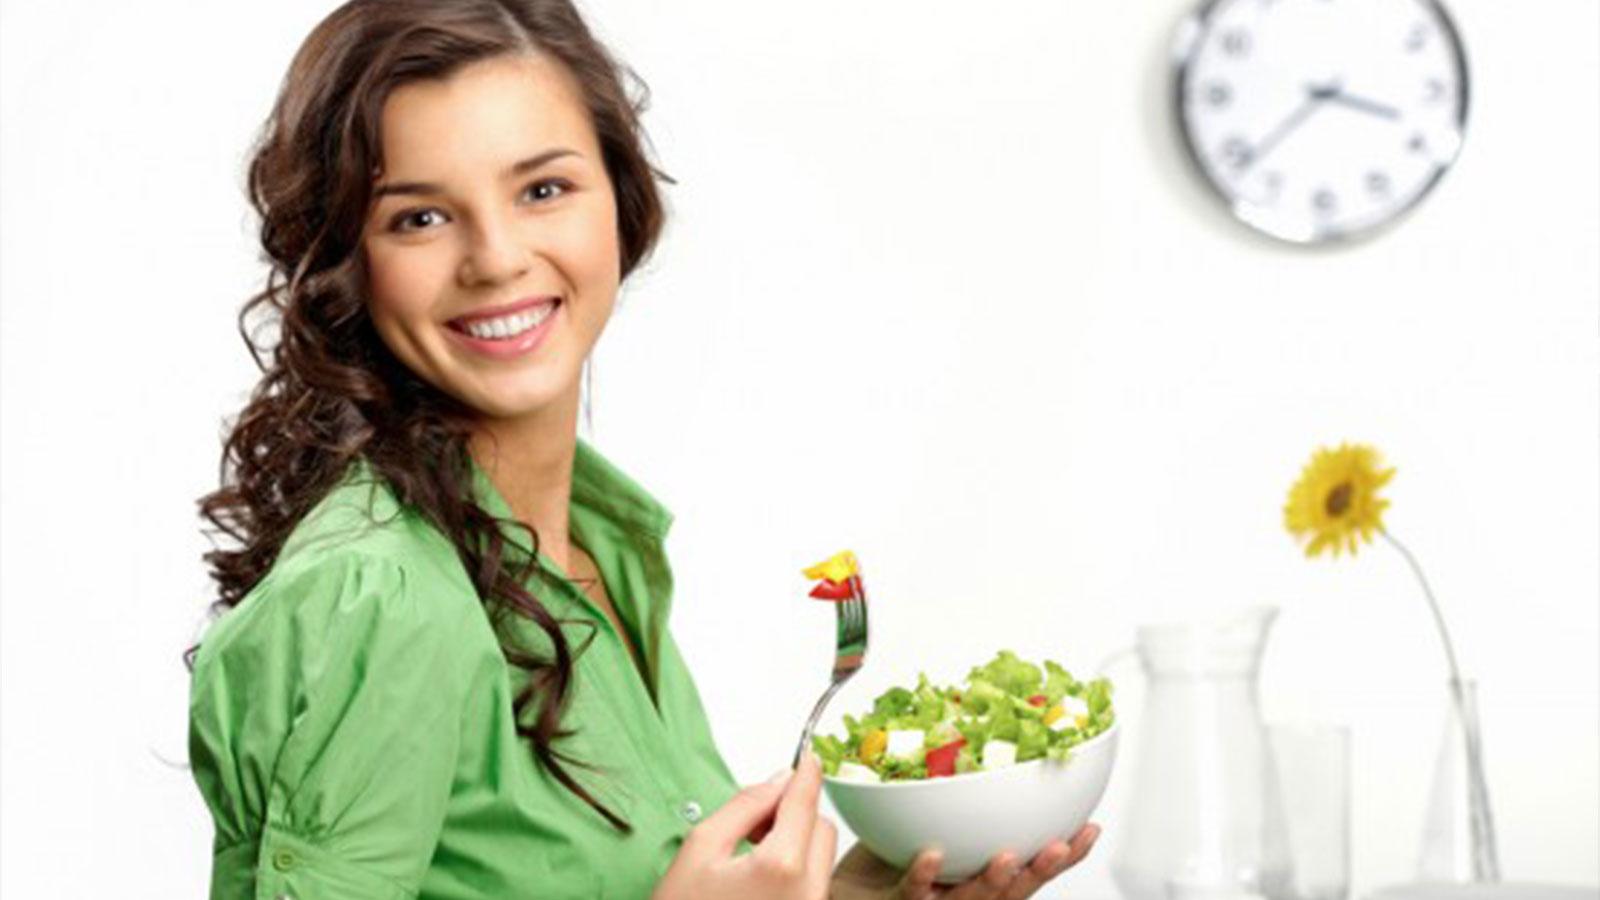 一週間ダイエットで3キロ減!緊急ダイエットでキレイを手に入れよう